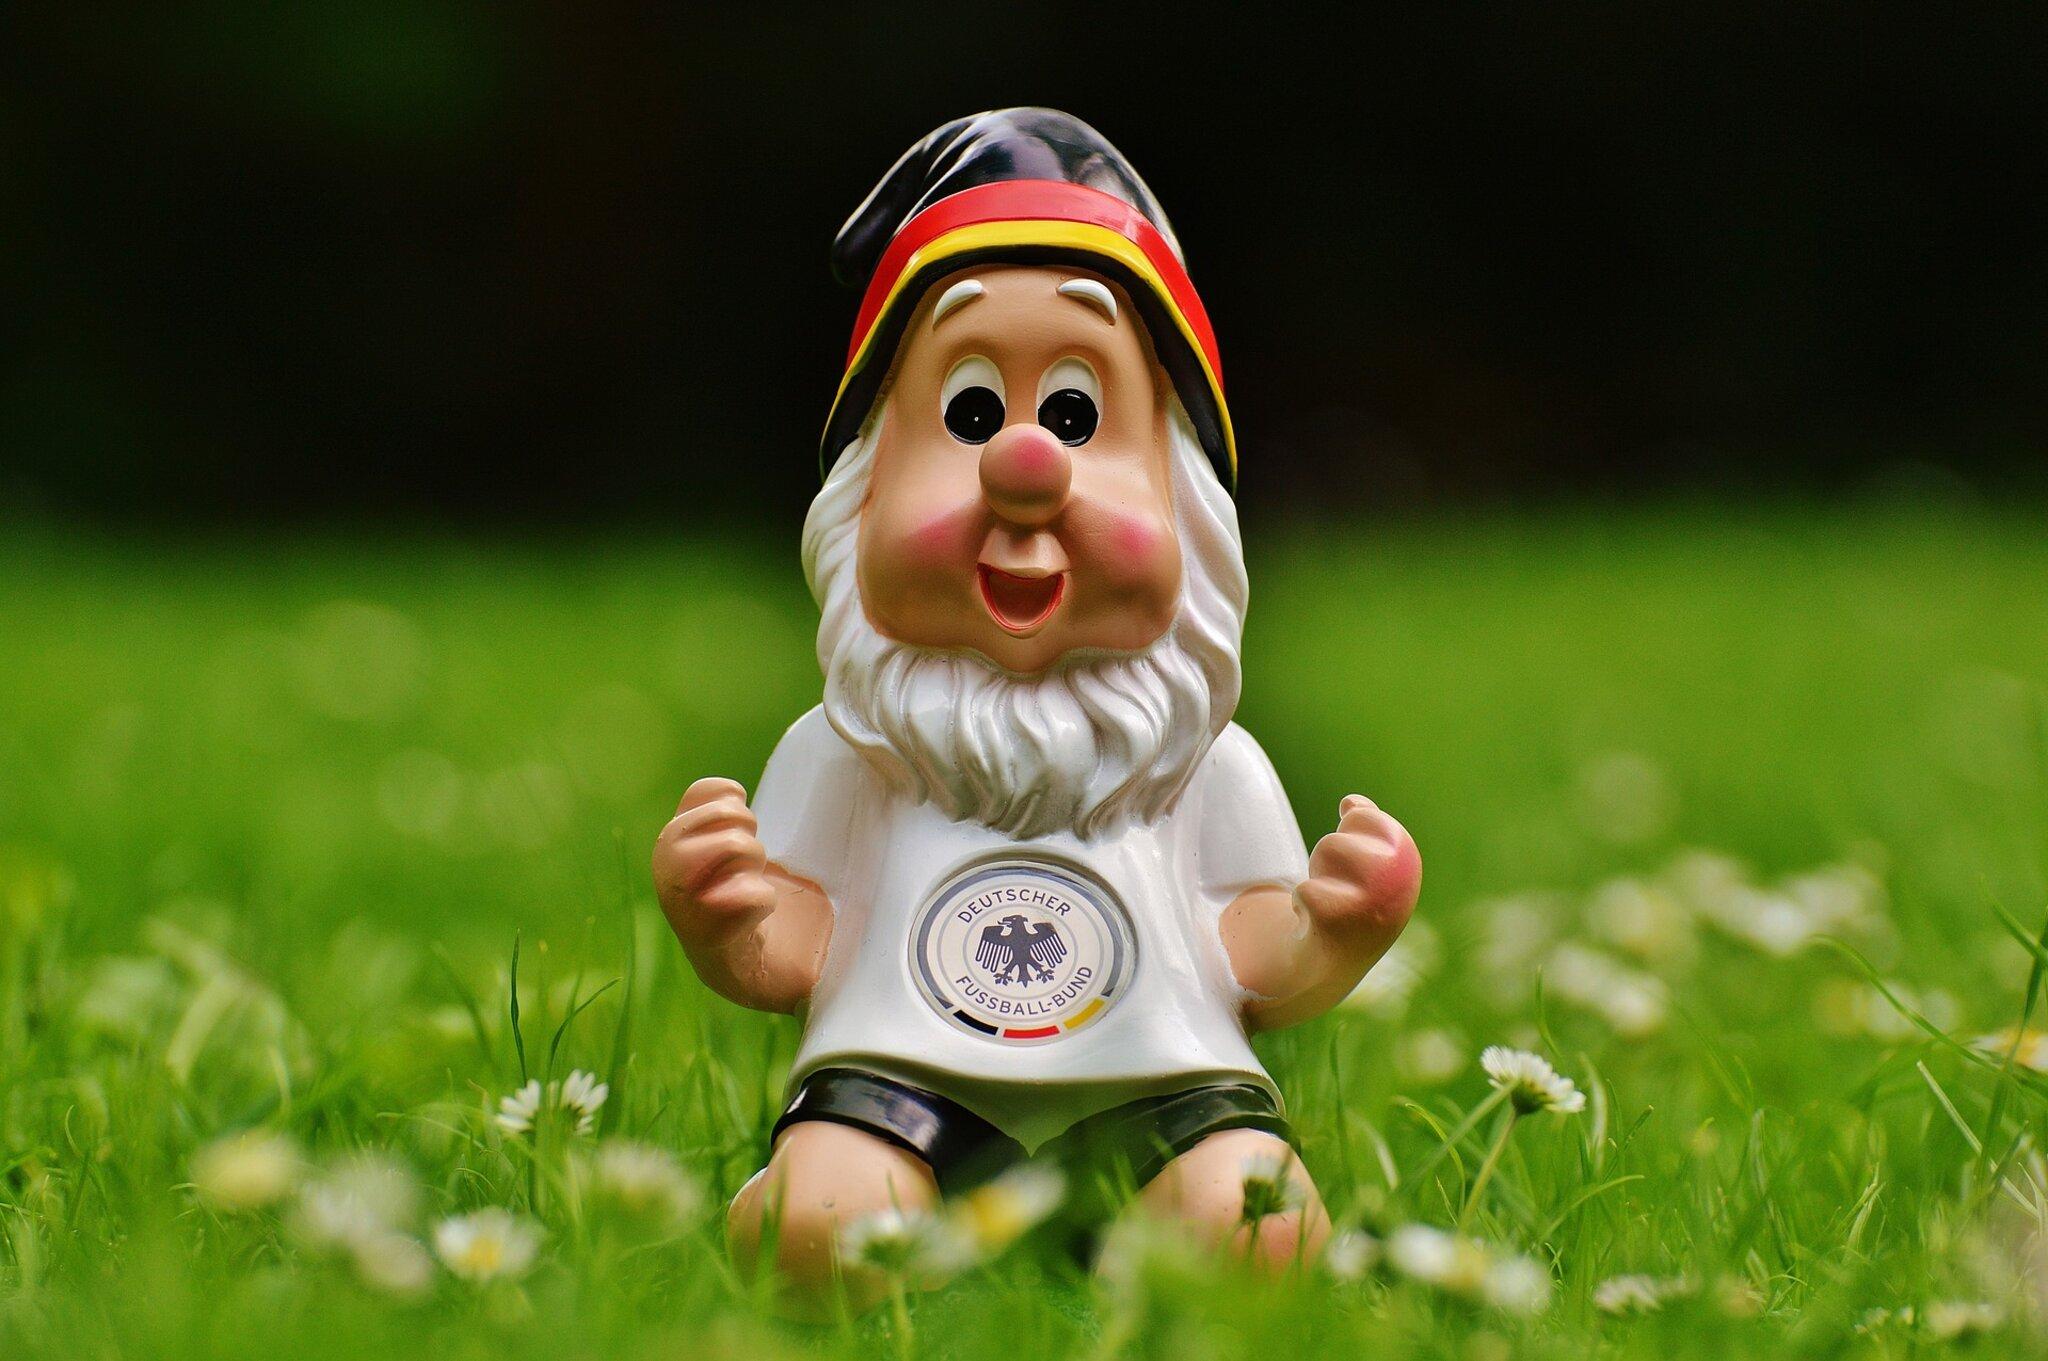 -italien-gewinnt-gegen-wales-schweiz-gewinnt-gegen-die-t-rkei-morgen-spielt-russland-d-nemark-finnland-belgien-nordmazedonien-niederlande-ukraine-sterreich